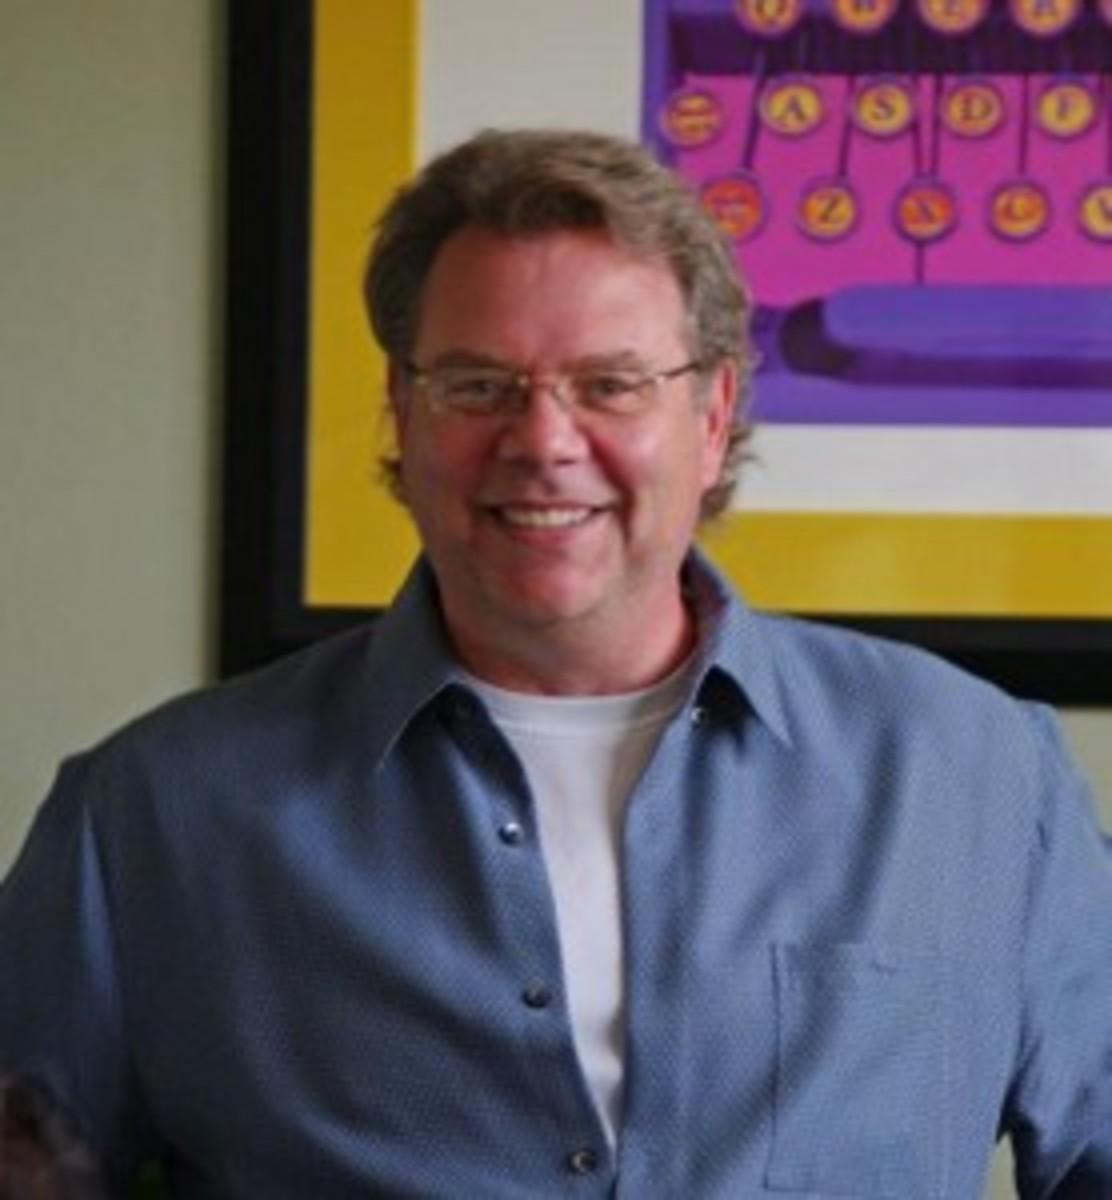 Jeff Lyons